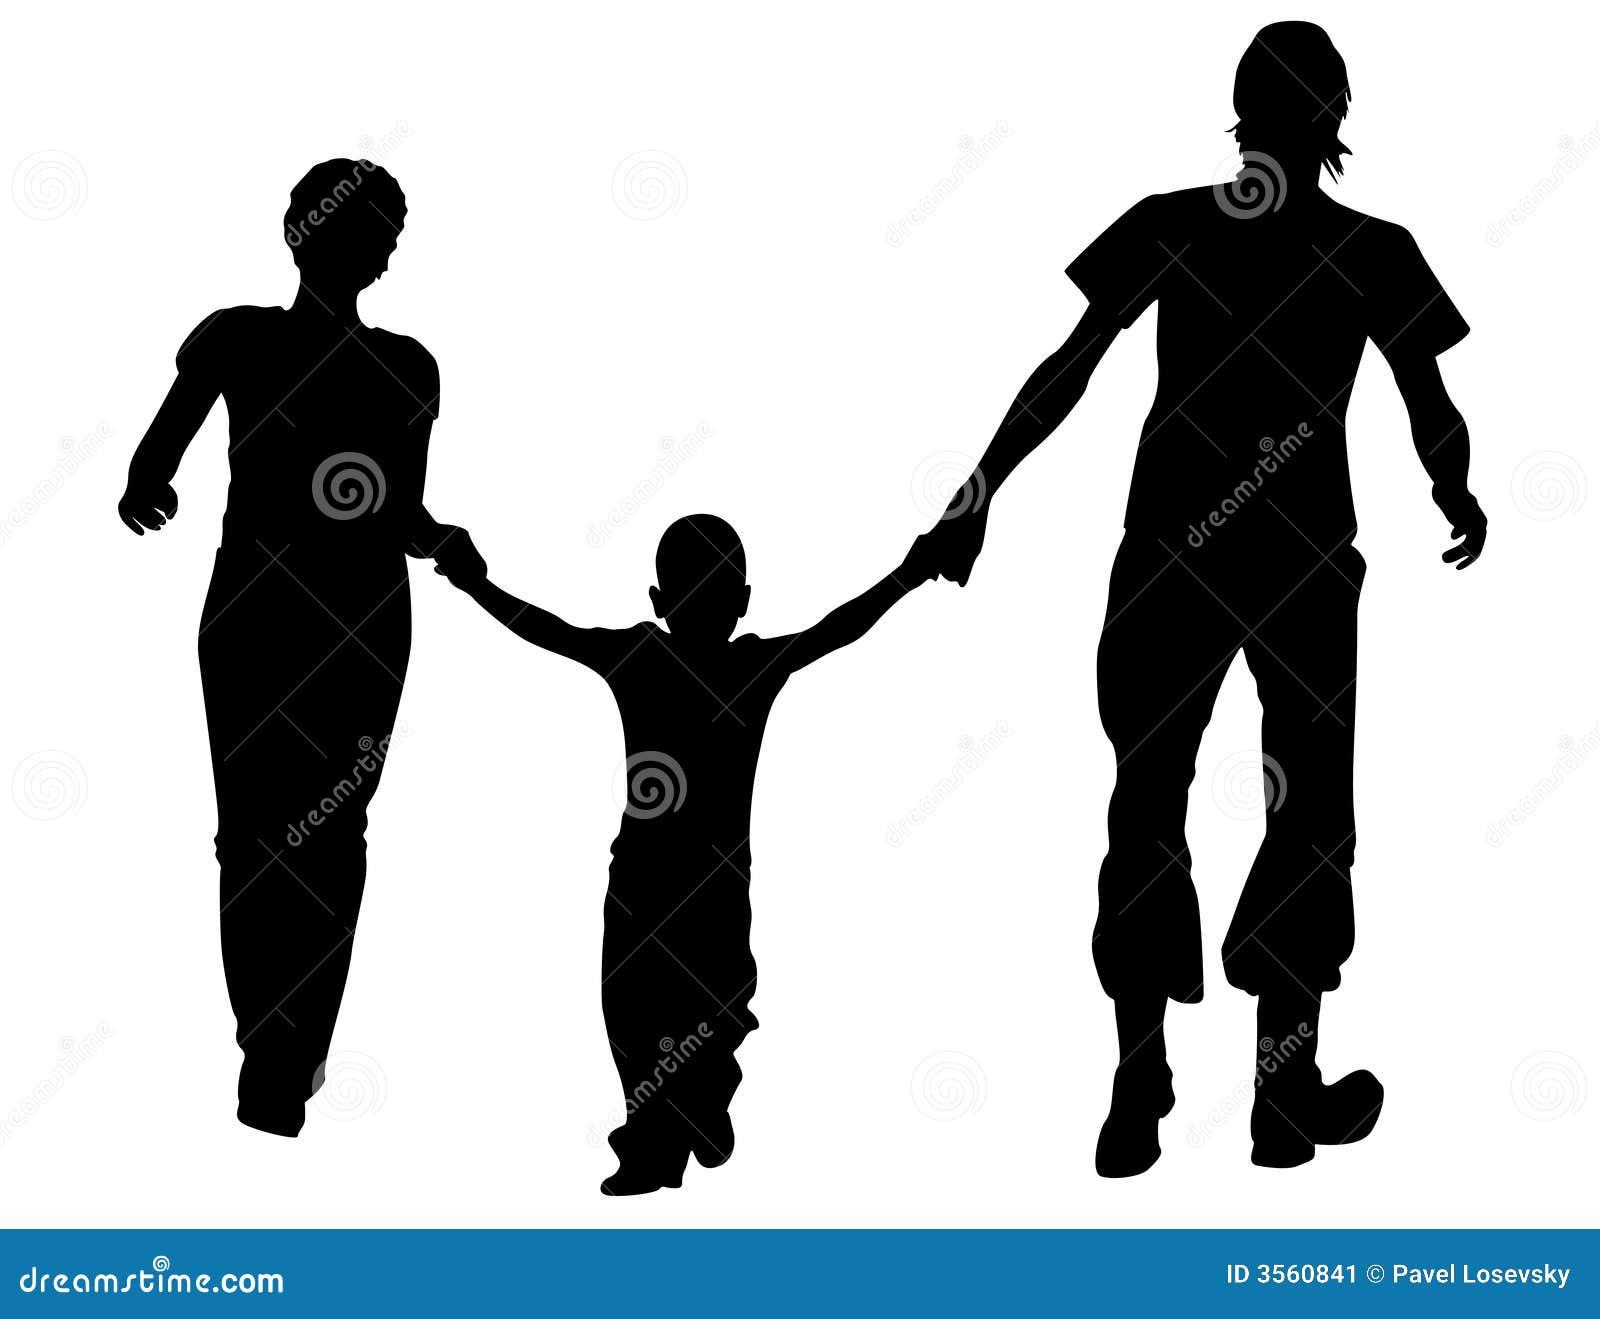 Sylwetka dla rodziny